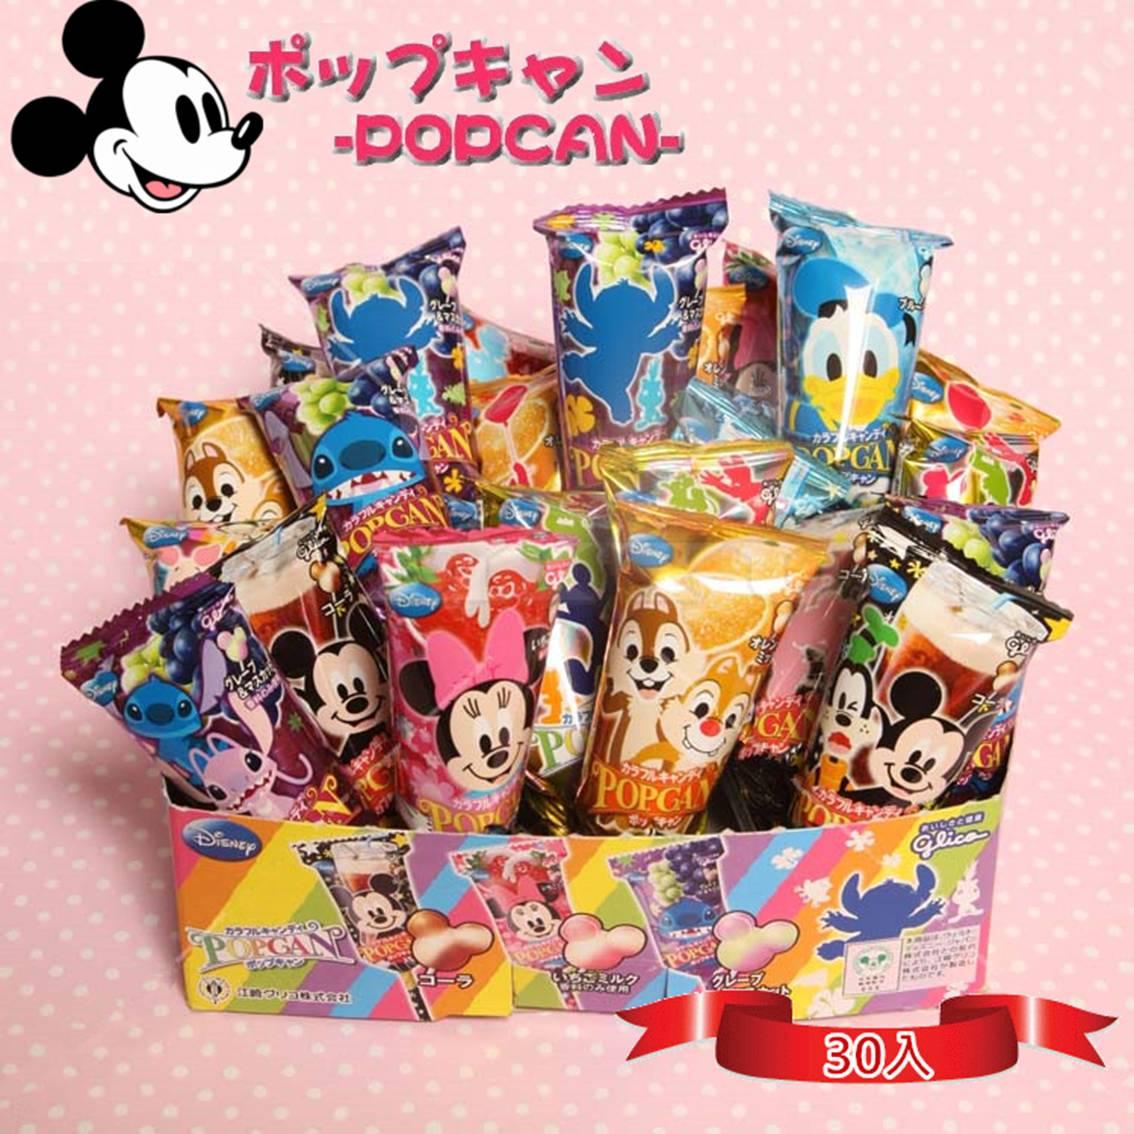 日本Glico 固力果迪士尼棒棒糖 可愛氣球包裝【樂活生活館】